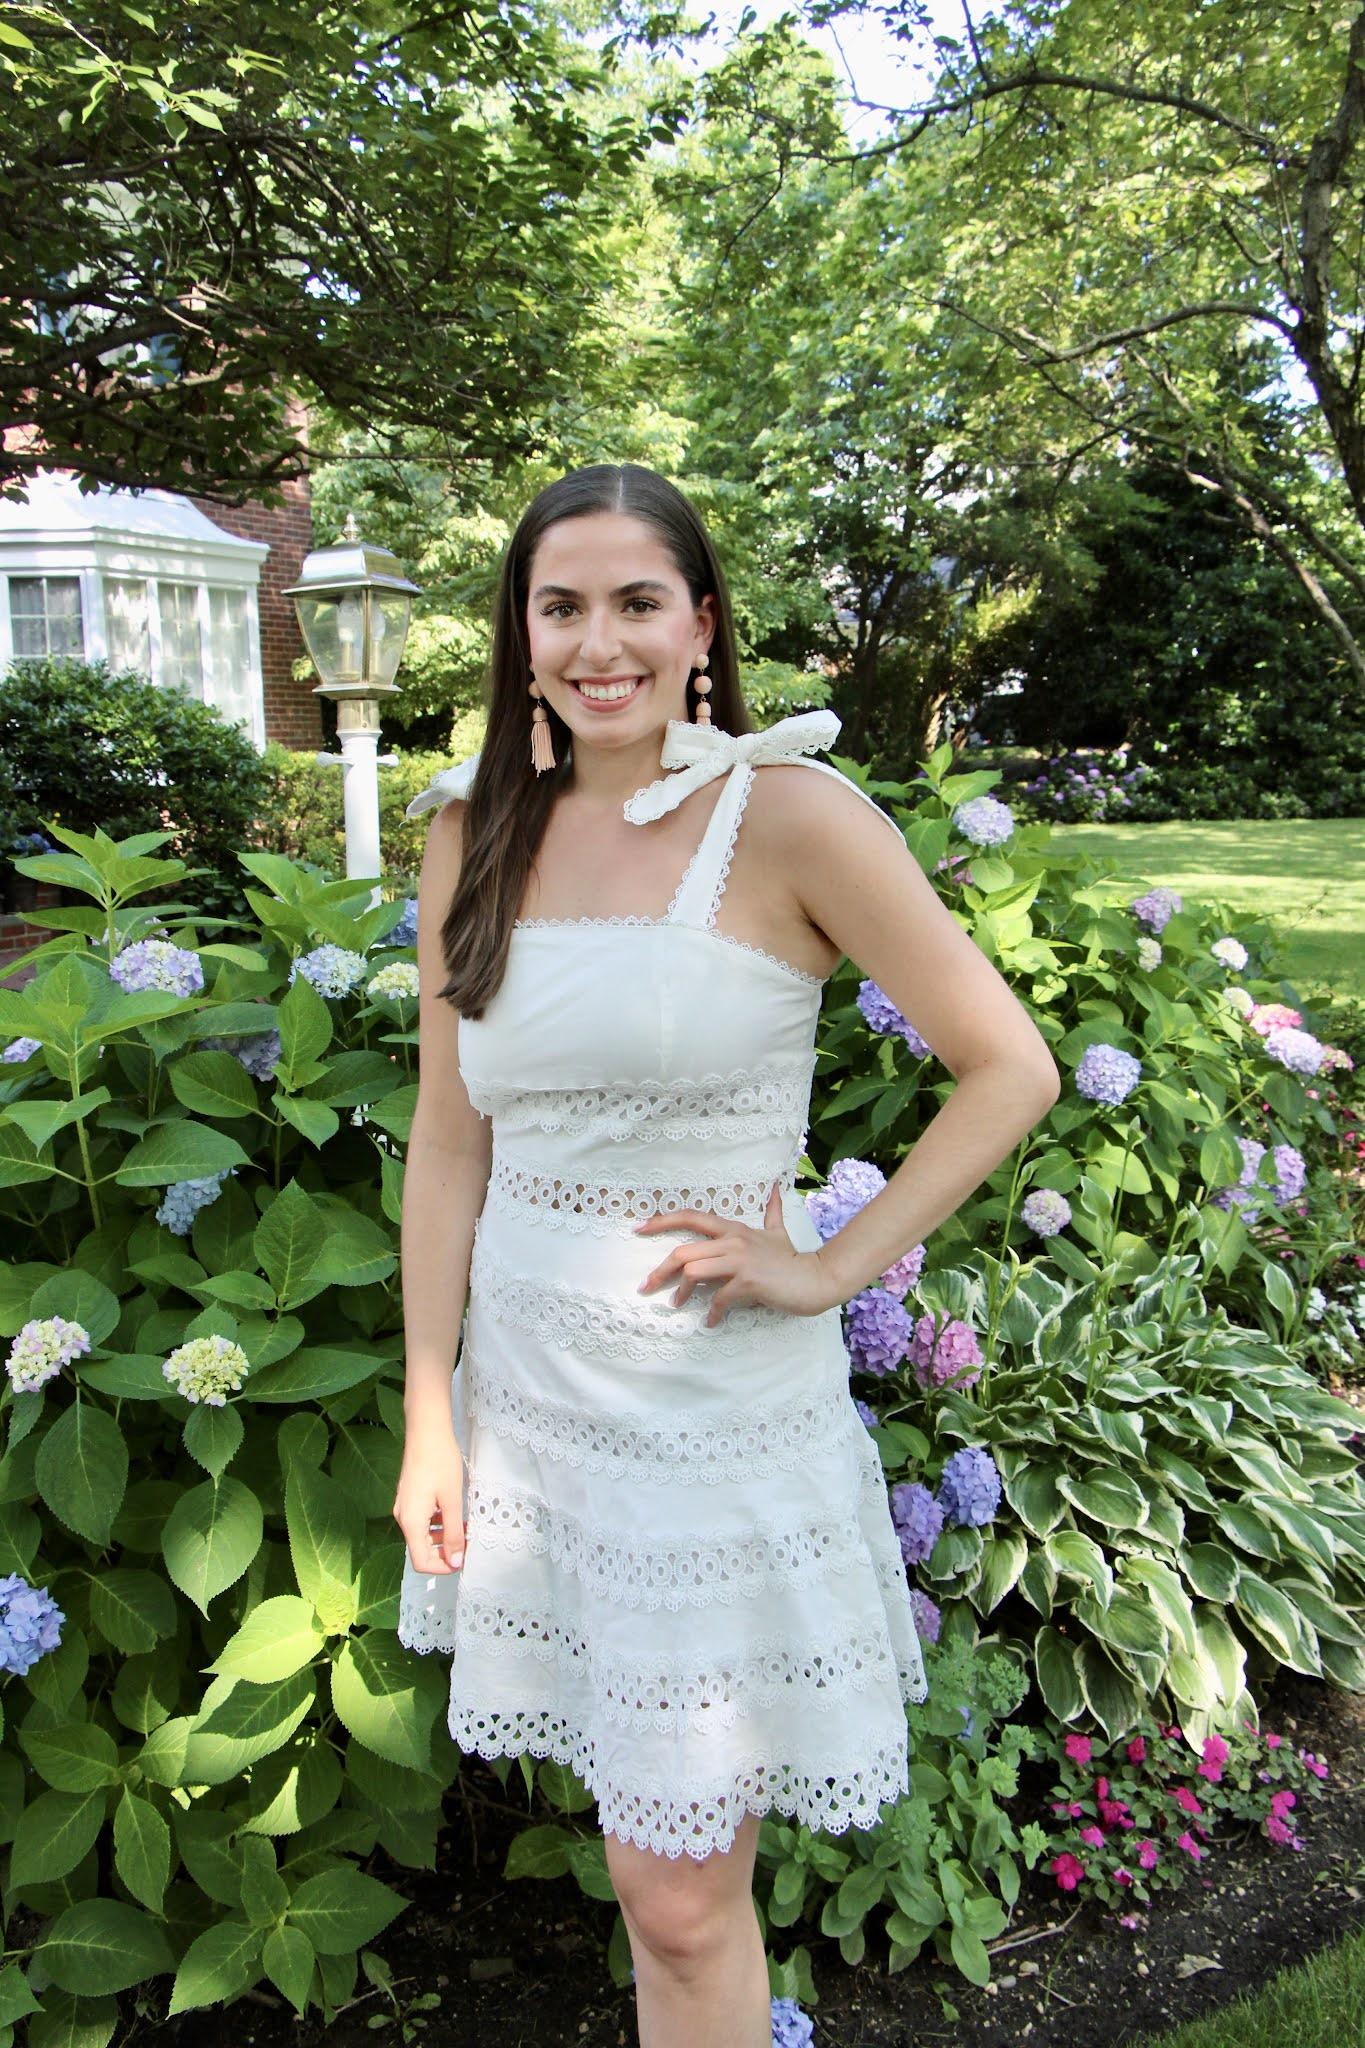 summer white dress, white dress, tie dress, eyelet dress